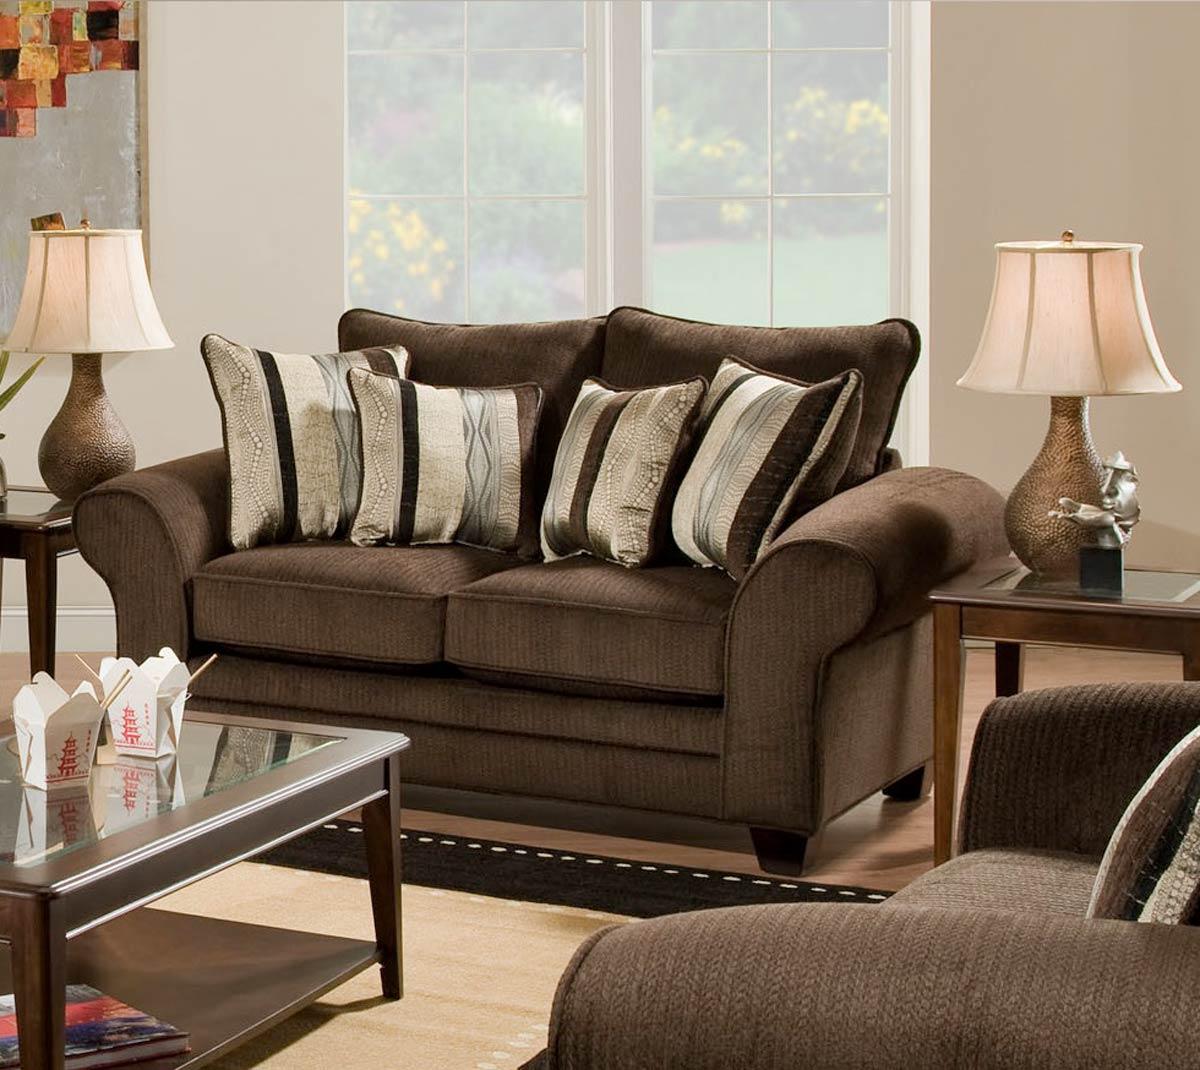 Chelsea Home Clearlake Sofa Set Waverly Godiva Chf